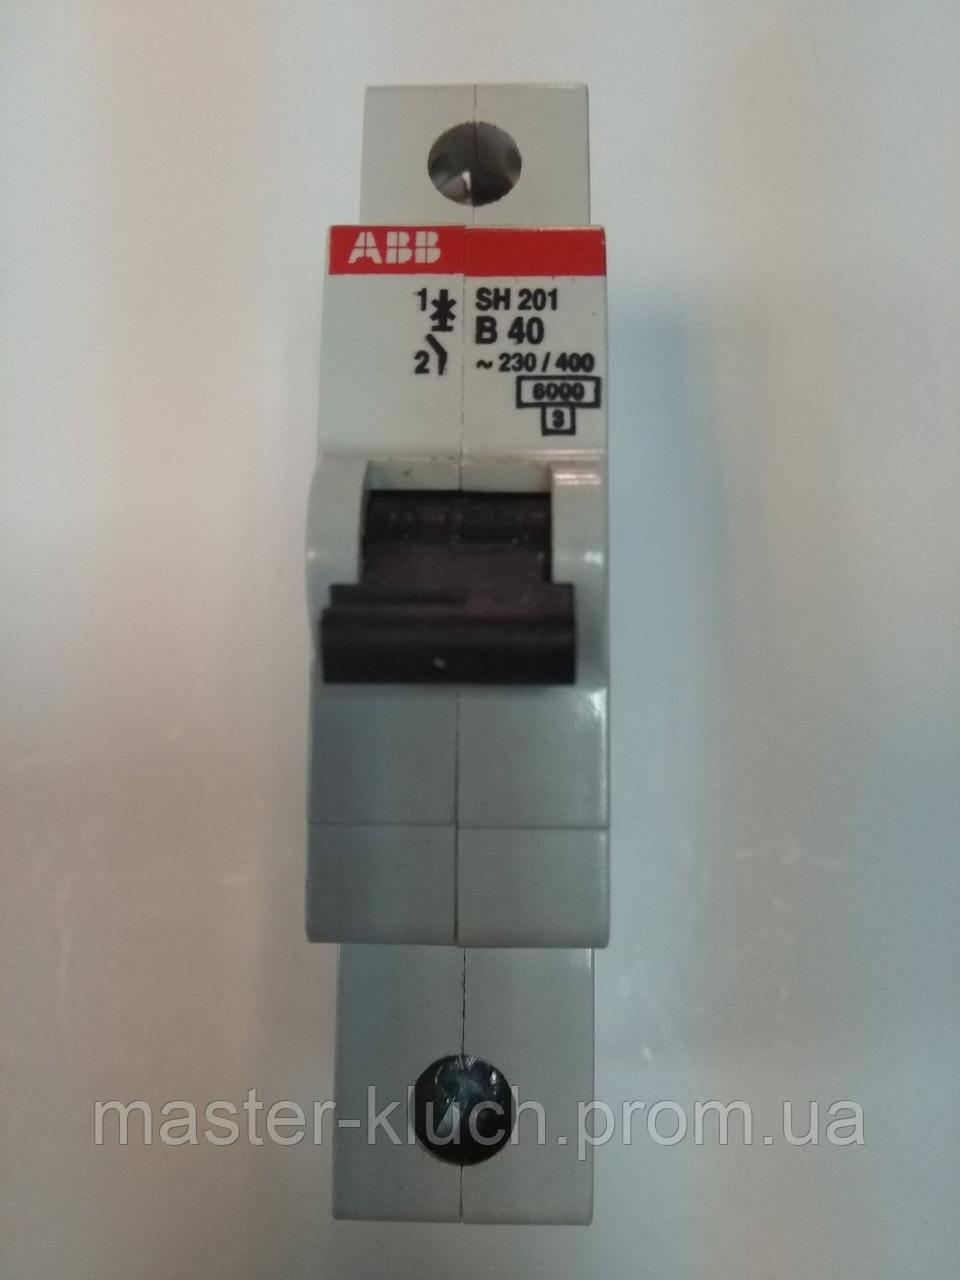 Автоматический выключатель АВВ SH201 В40A